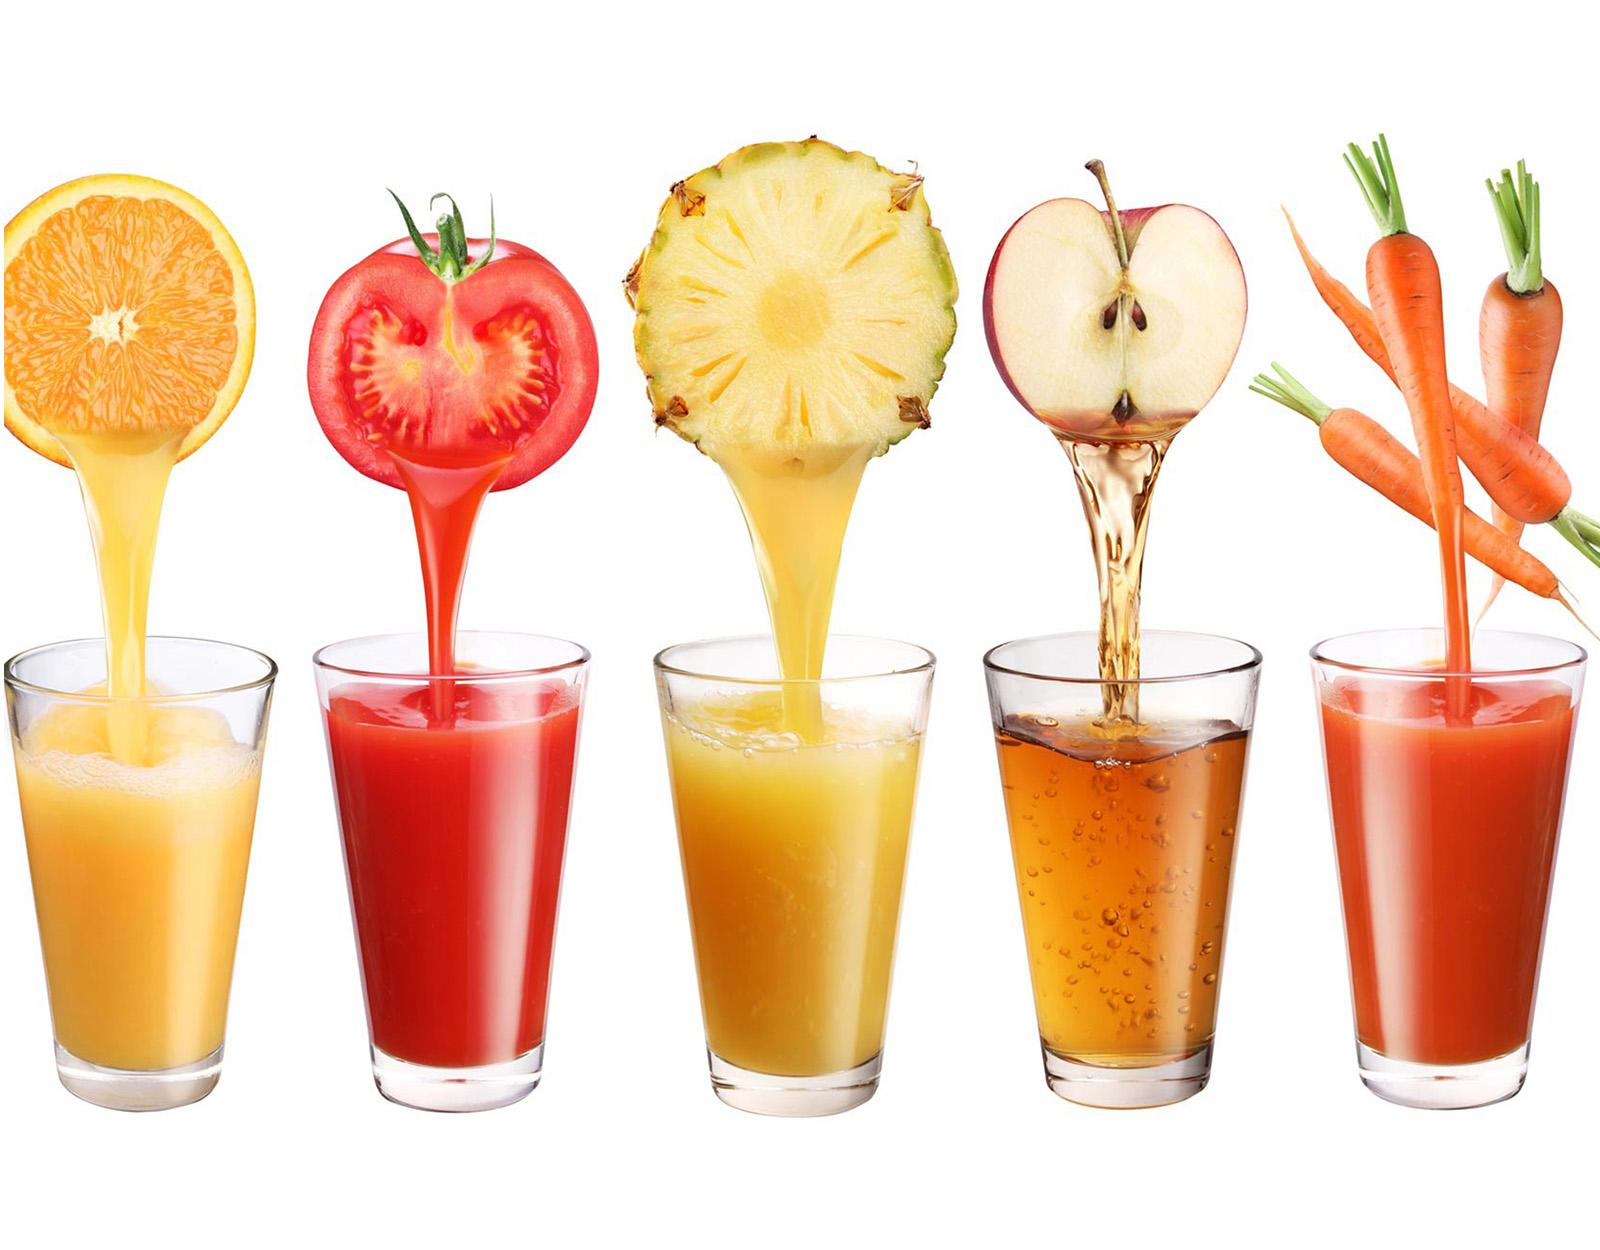 Ананасовый сок (свежевыжатый)